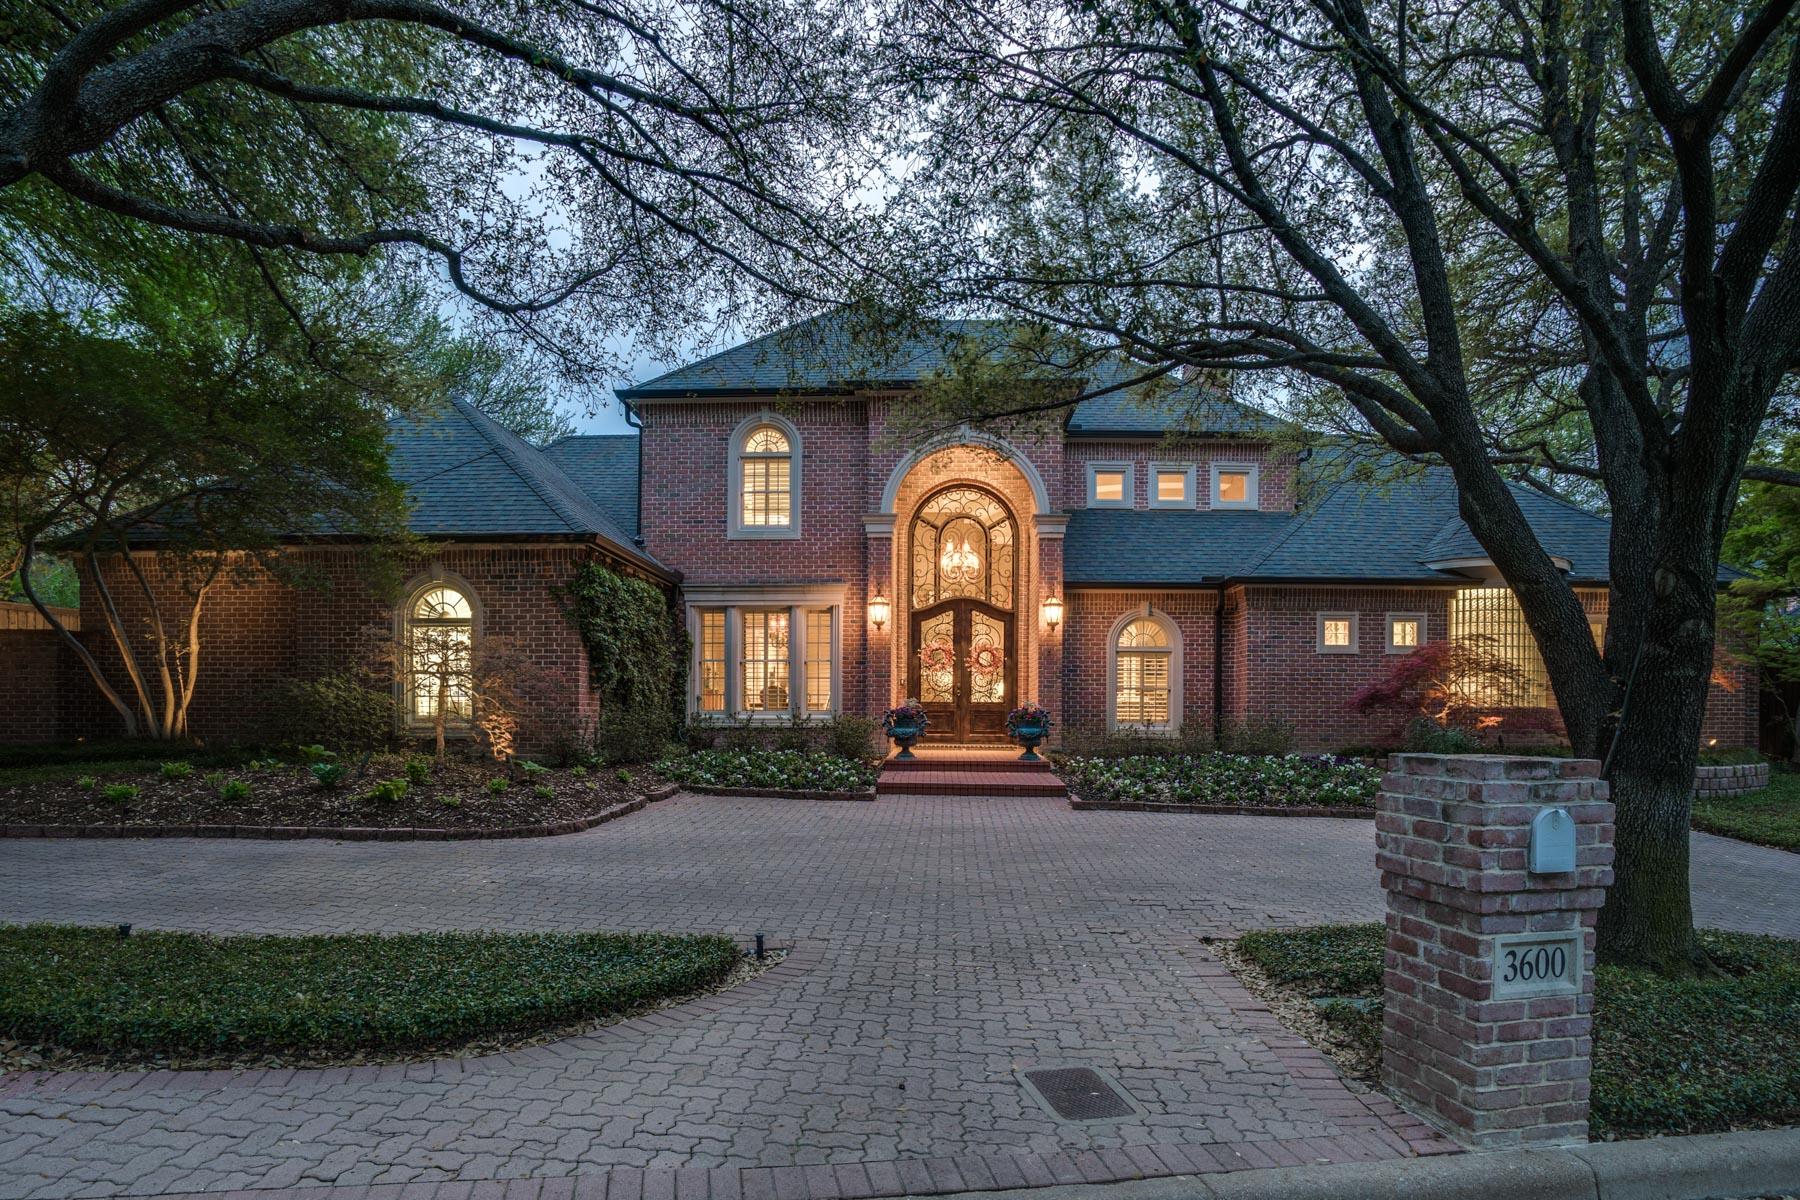 Частный односемейный дом для того Продажа на Amazing Overton Woods Home 3600 Briarhaven Road, Fort Worth, Техас, 76109 Соединенные Штаты